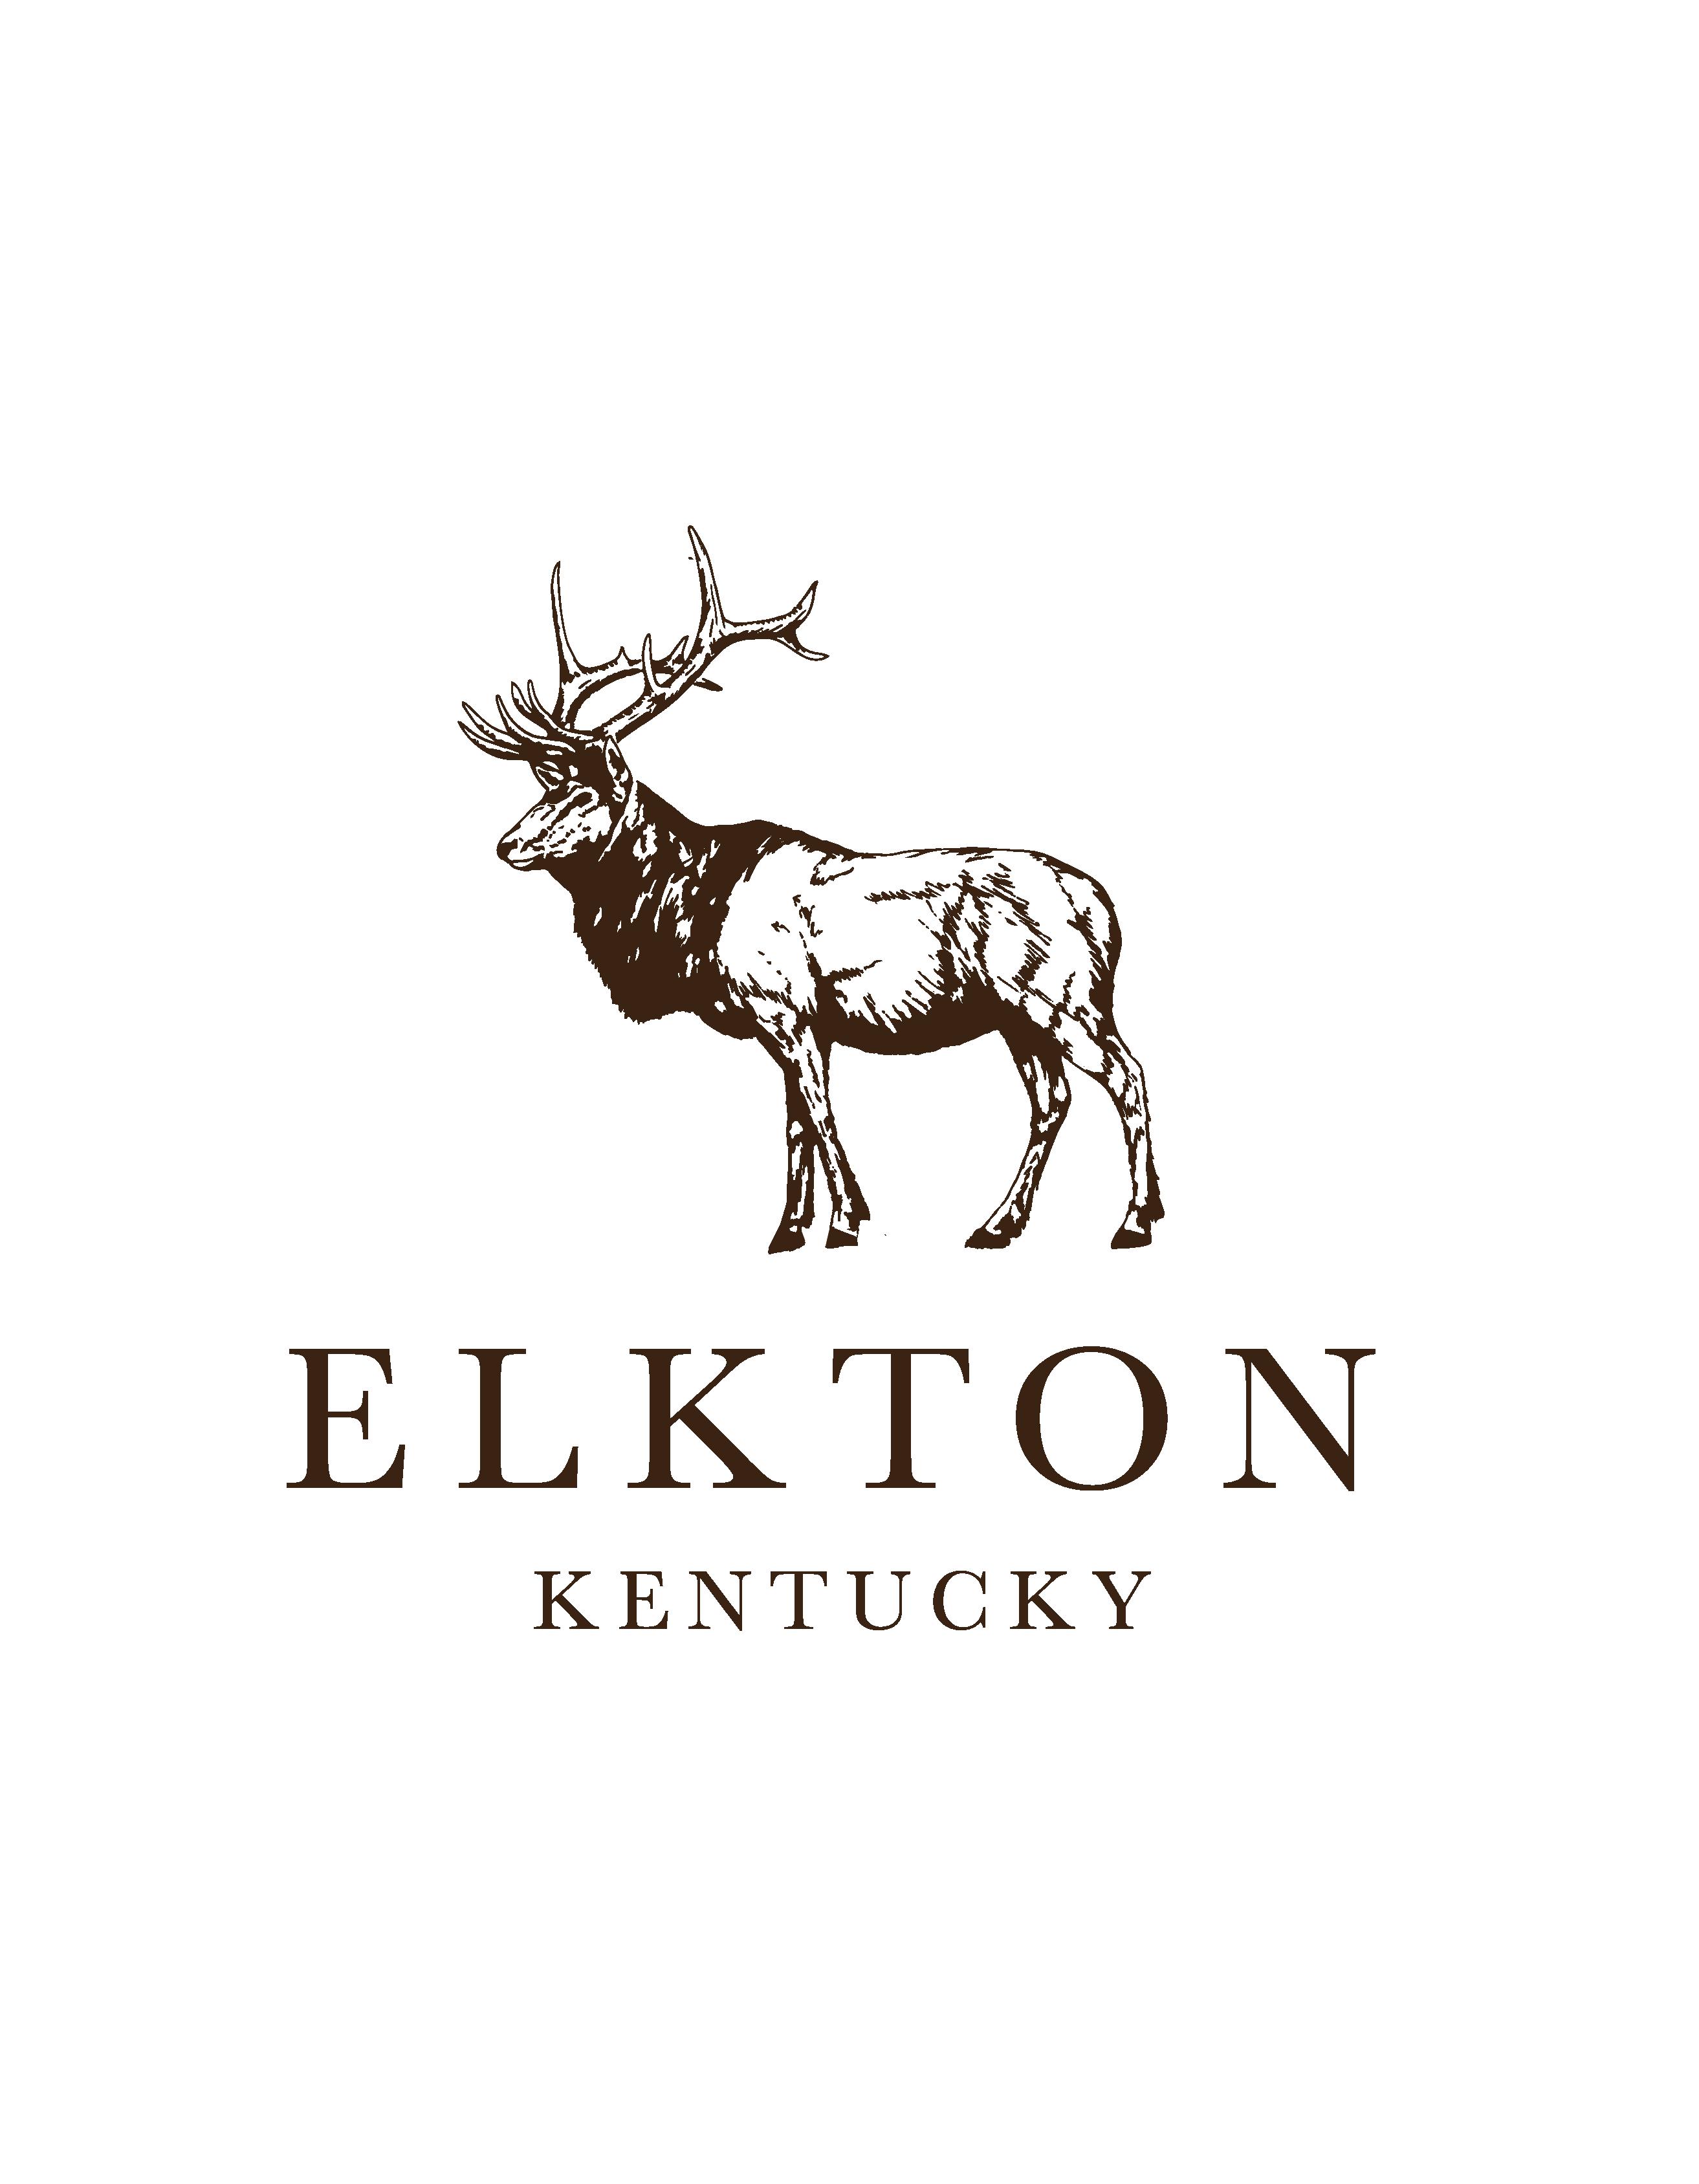 City of Elkton Kentucky Logo Design